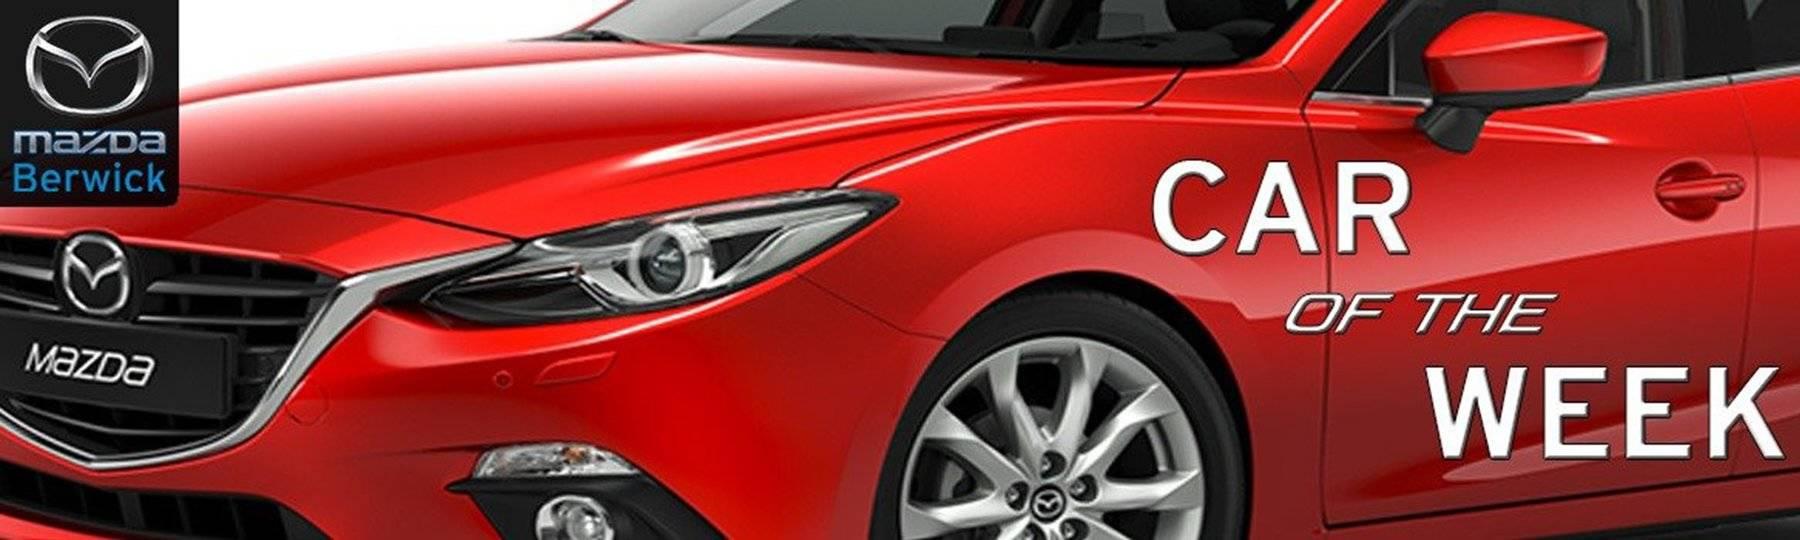 Berwick Mazda: Car of the Week